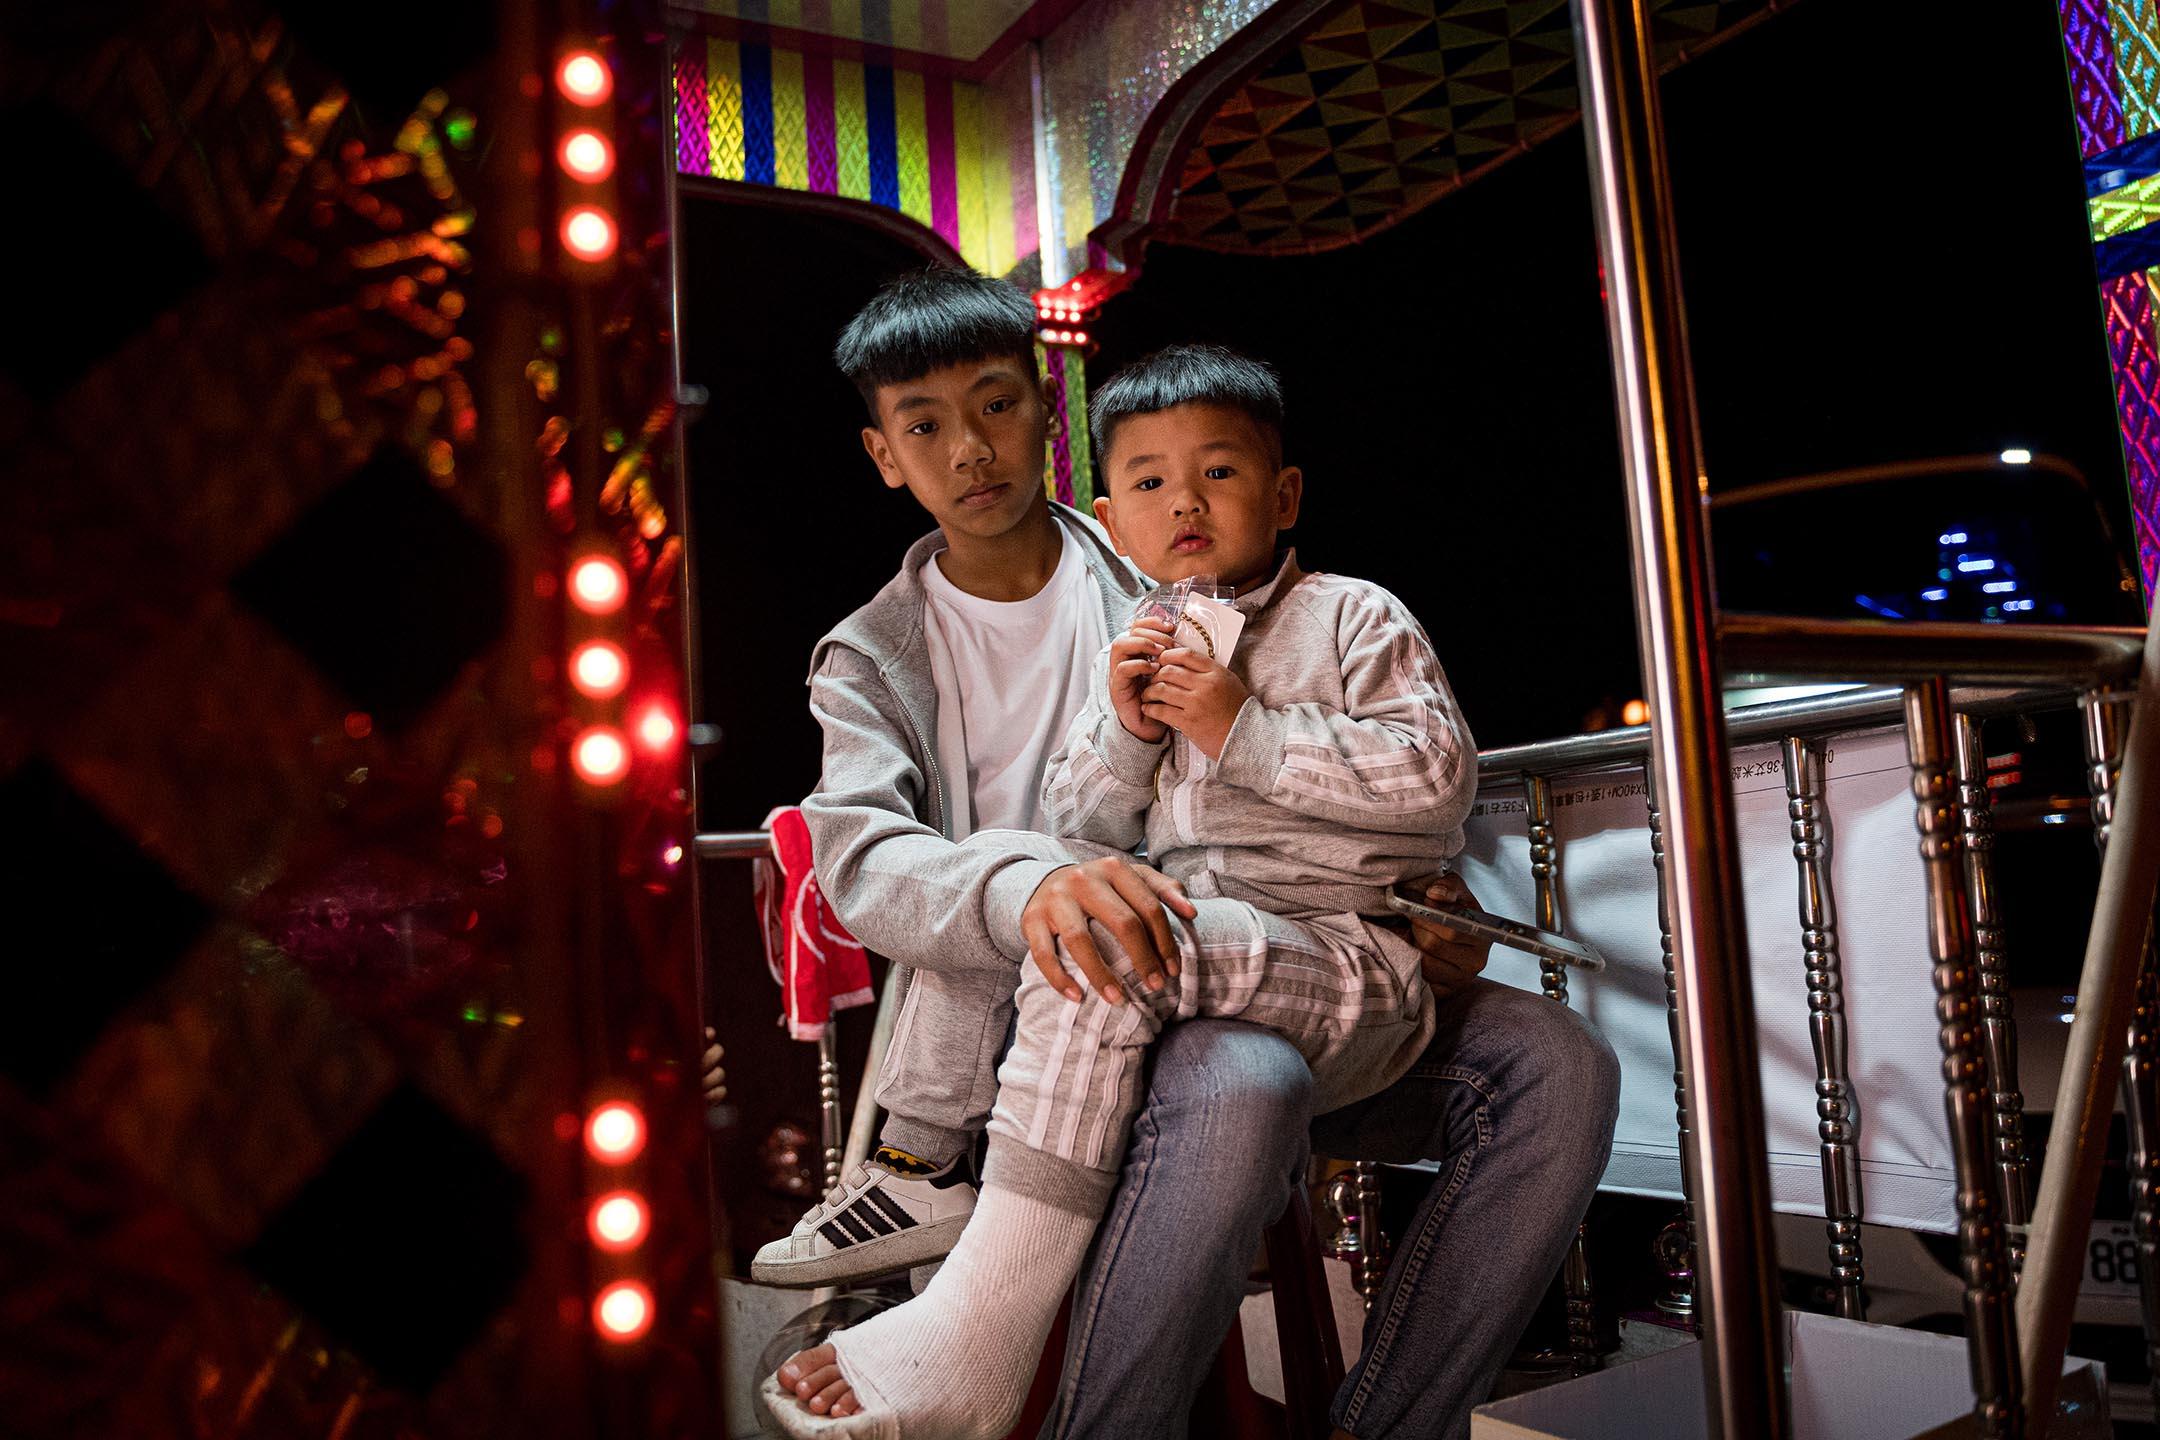 媽祖進香途中,各周邊交好廟宇宮壇會出「陣頭」或邀請傳統戲團共襄盛舉。圖為一對兄弟坐在表演花車上。